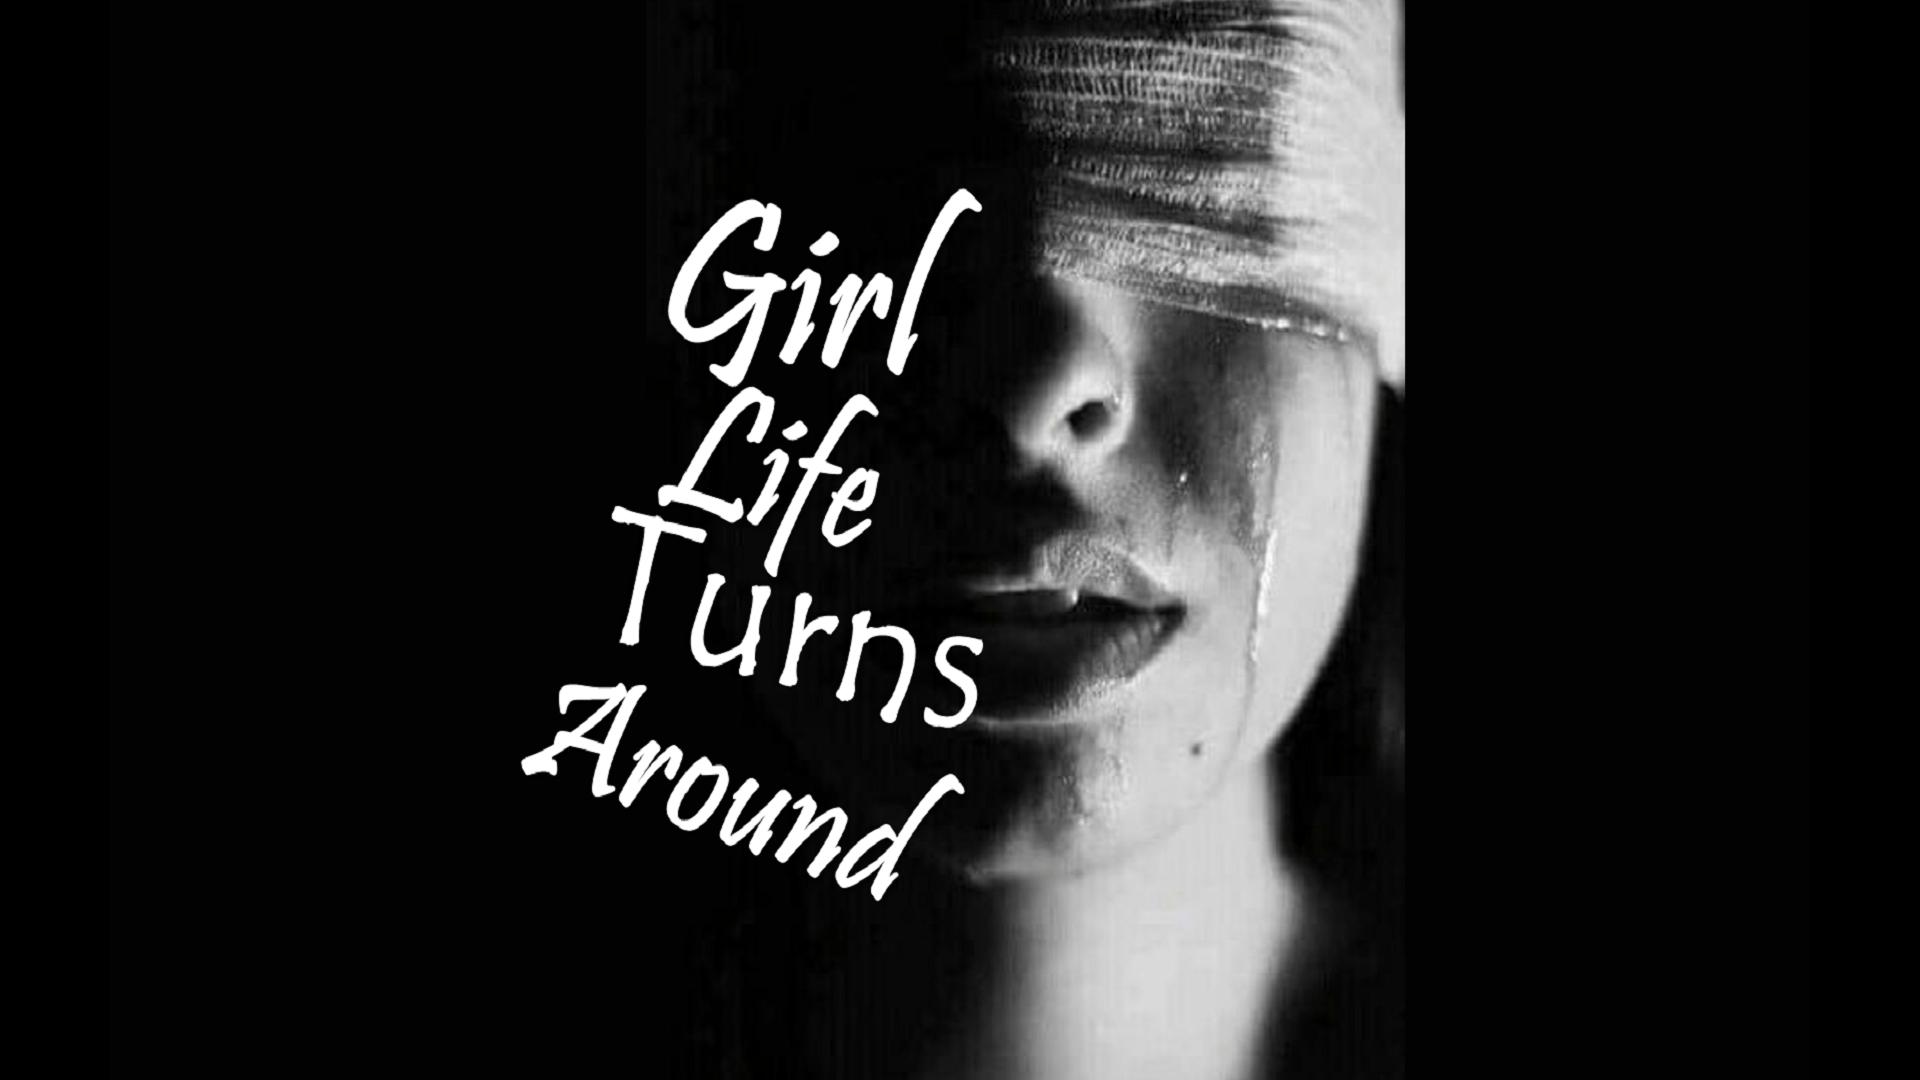 Życie dziewczyny kręci się wokół powieściowej okładki